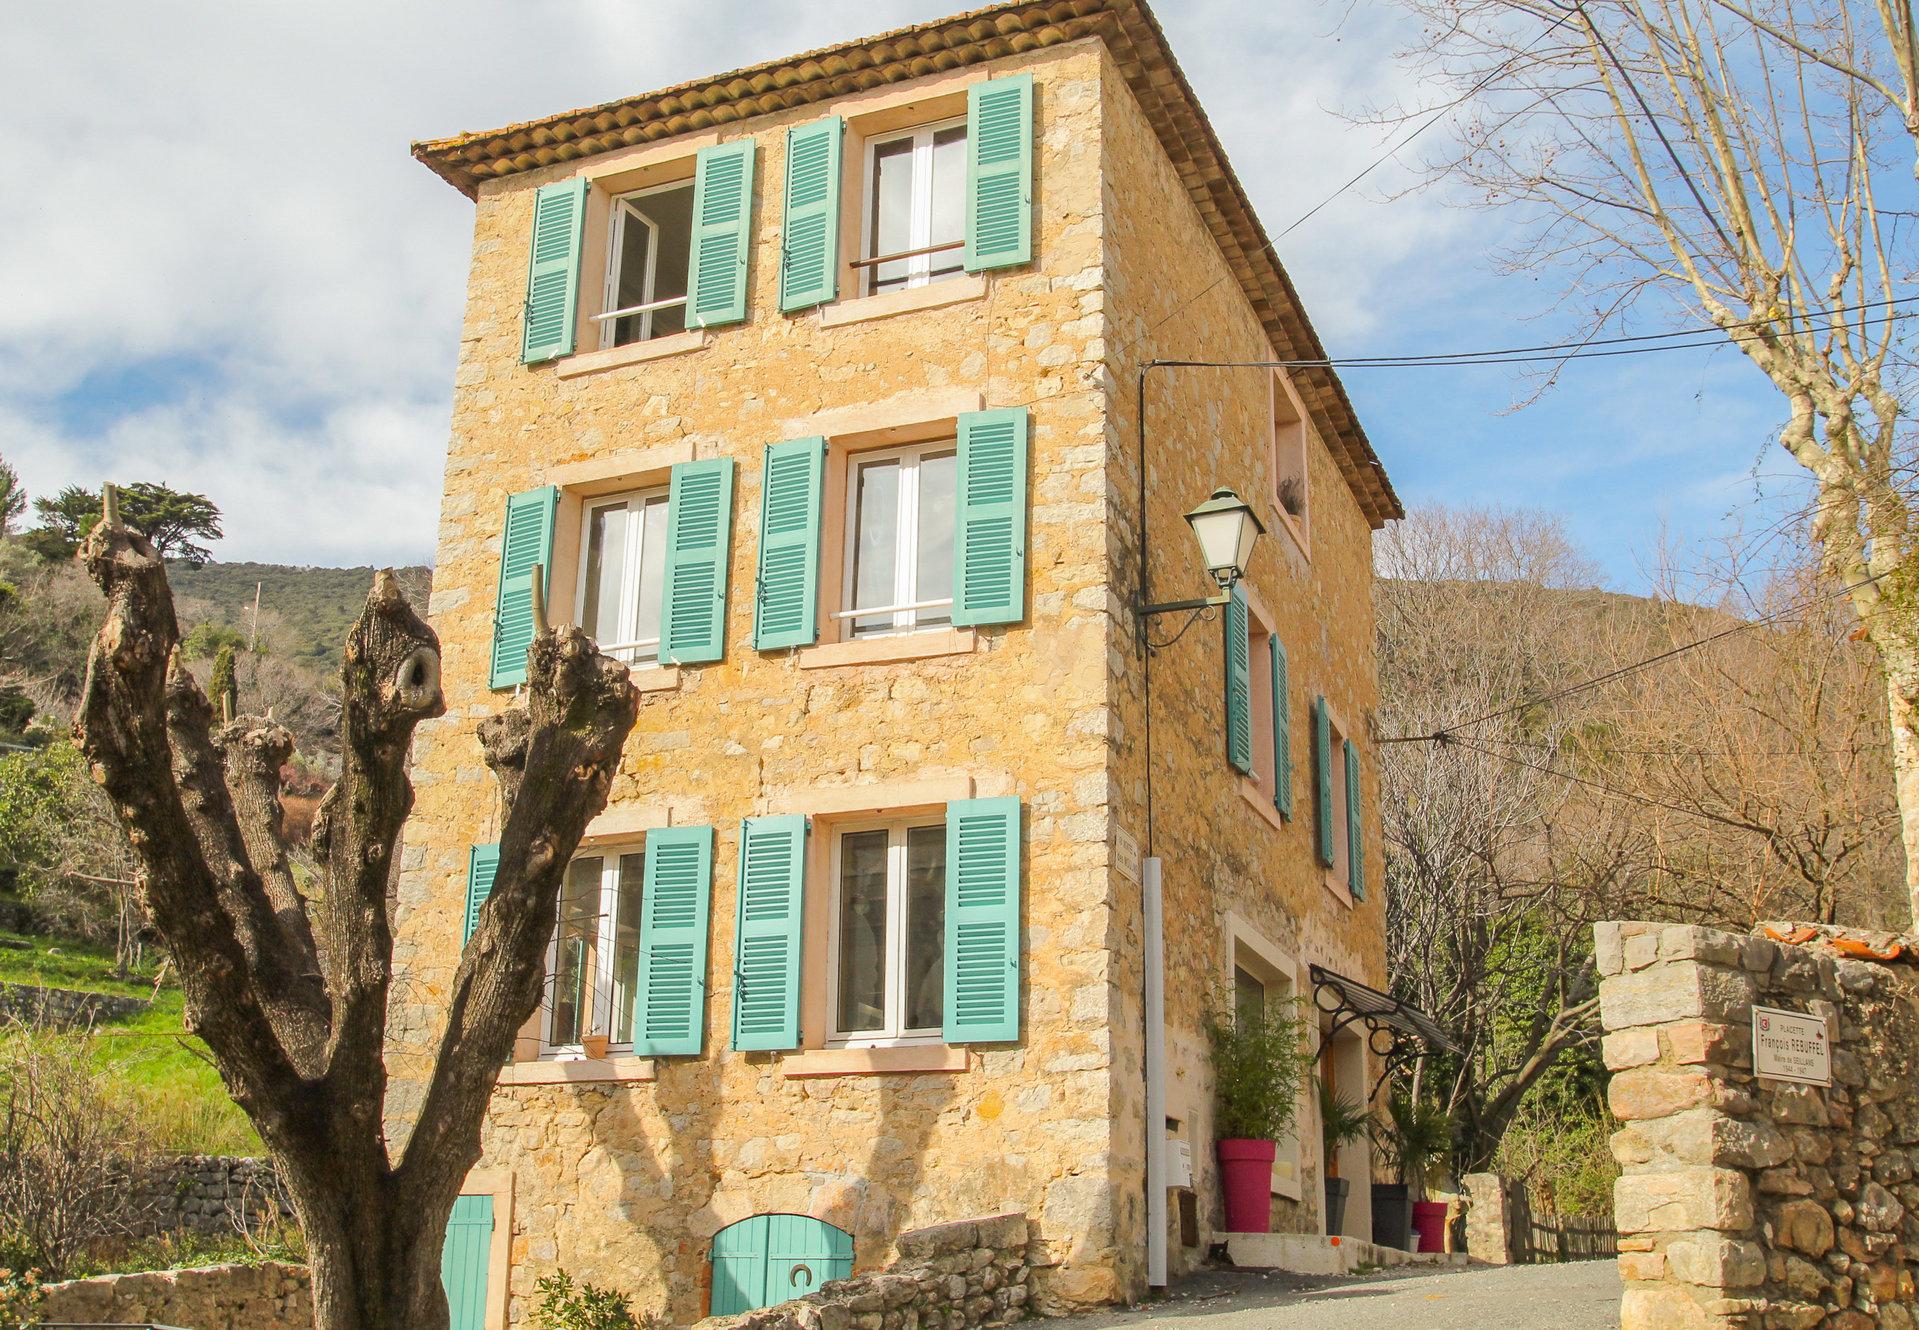 Maison de village en pierre située en bordure d'un ruisseau